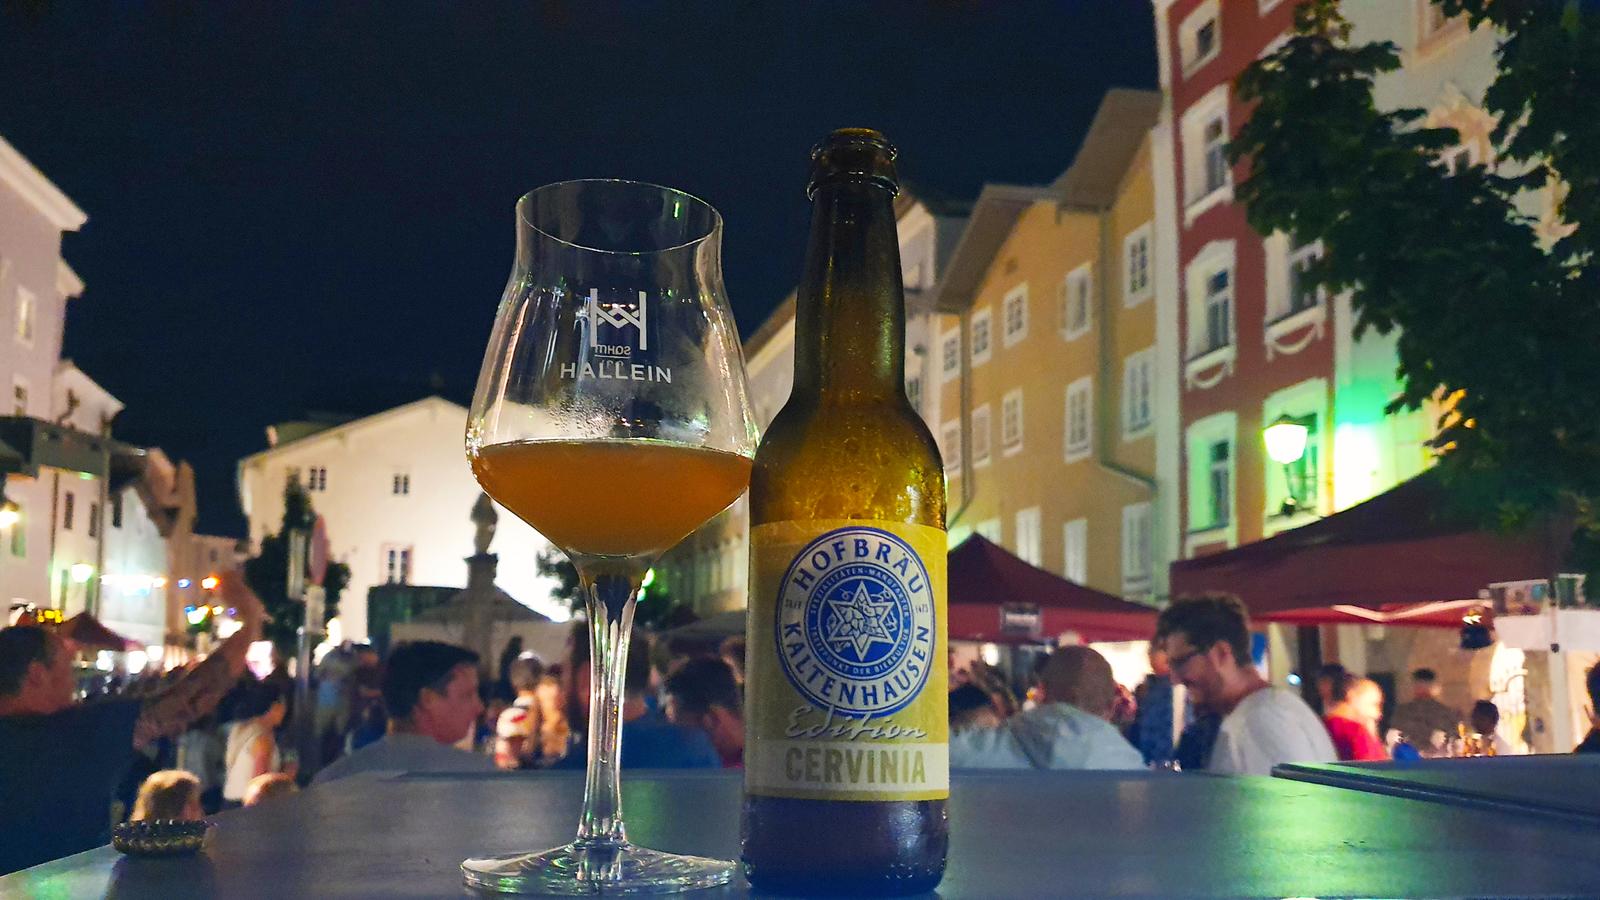 Bierfest Hallein, Bier aus Hallein